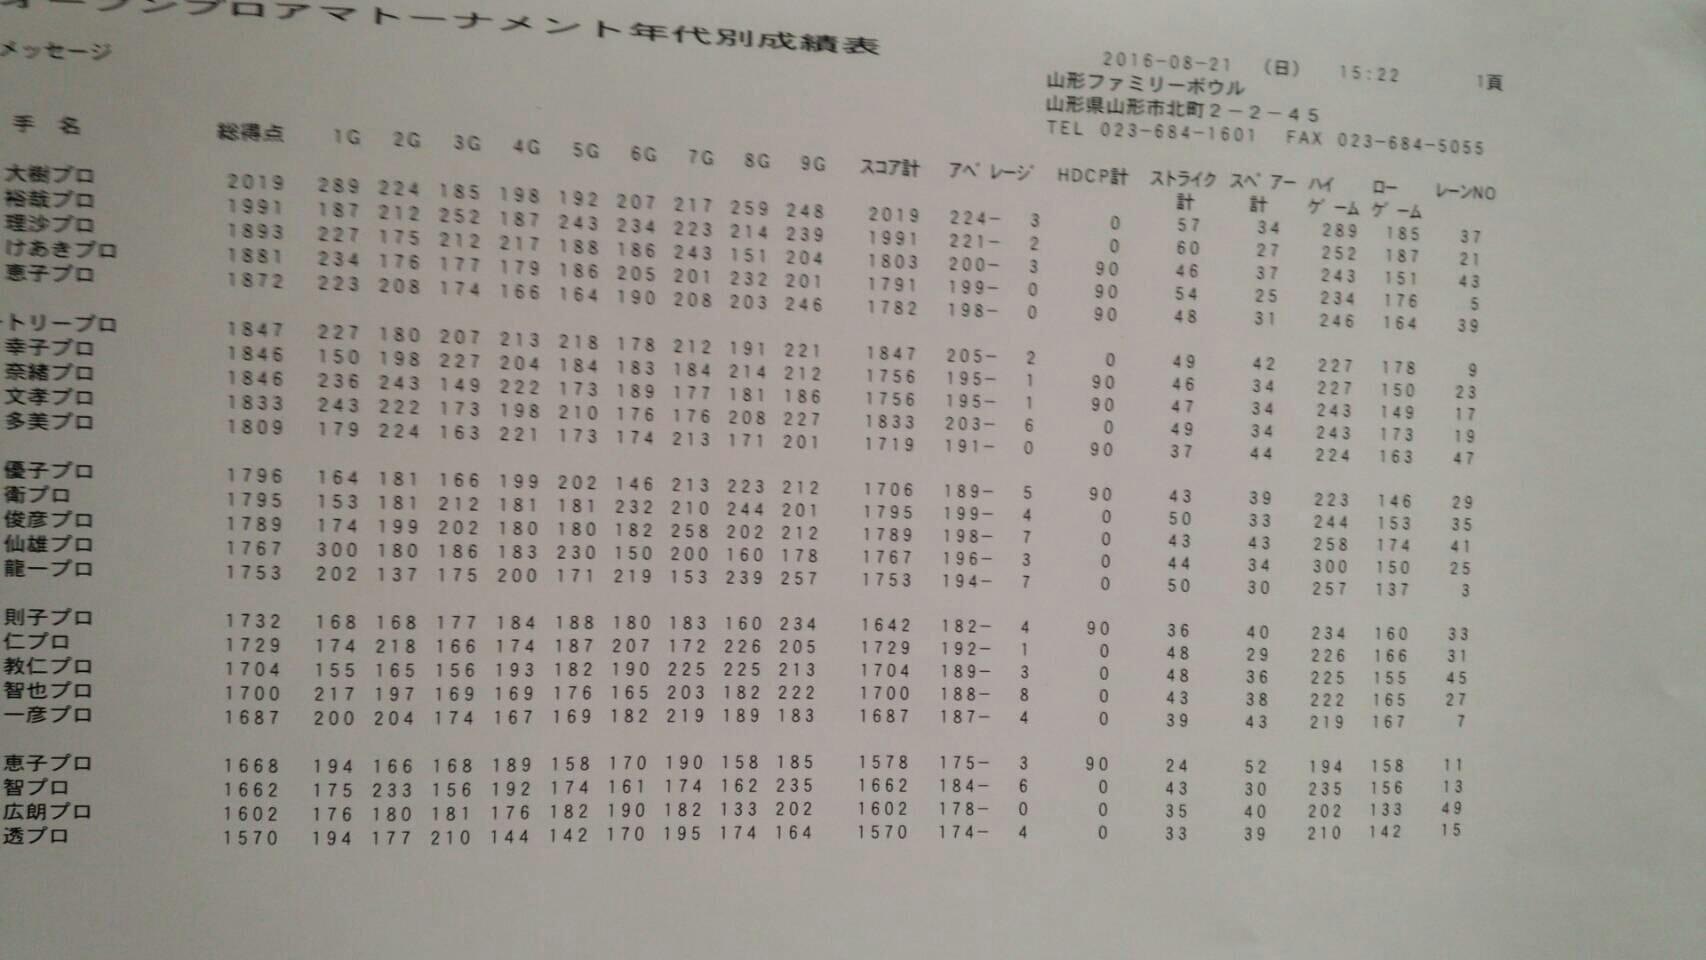 山形オープンファミリーカッププロアマボウリングトーナメント結果!!_b0259538_17585316.jpg